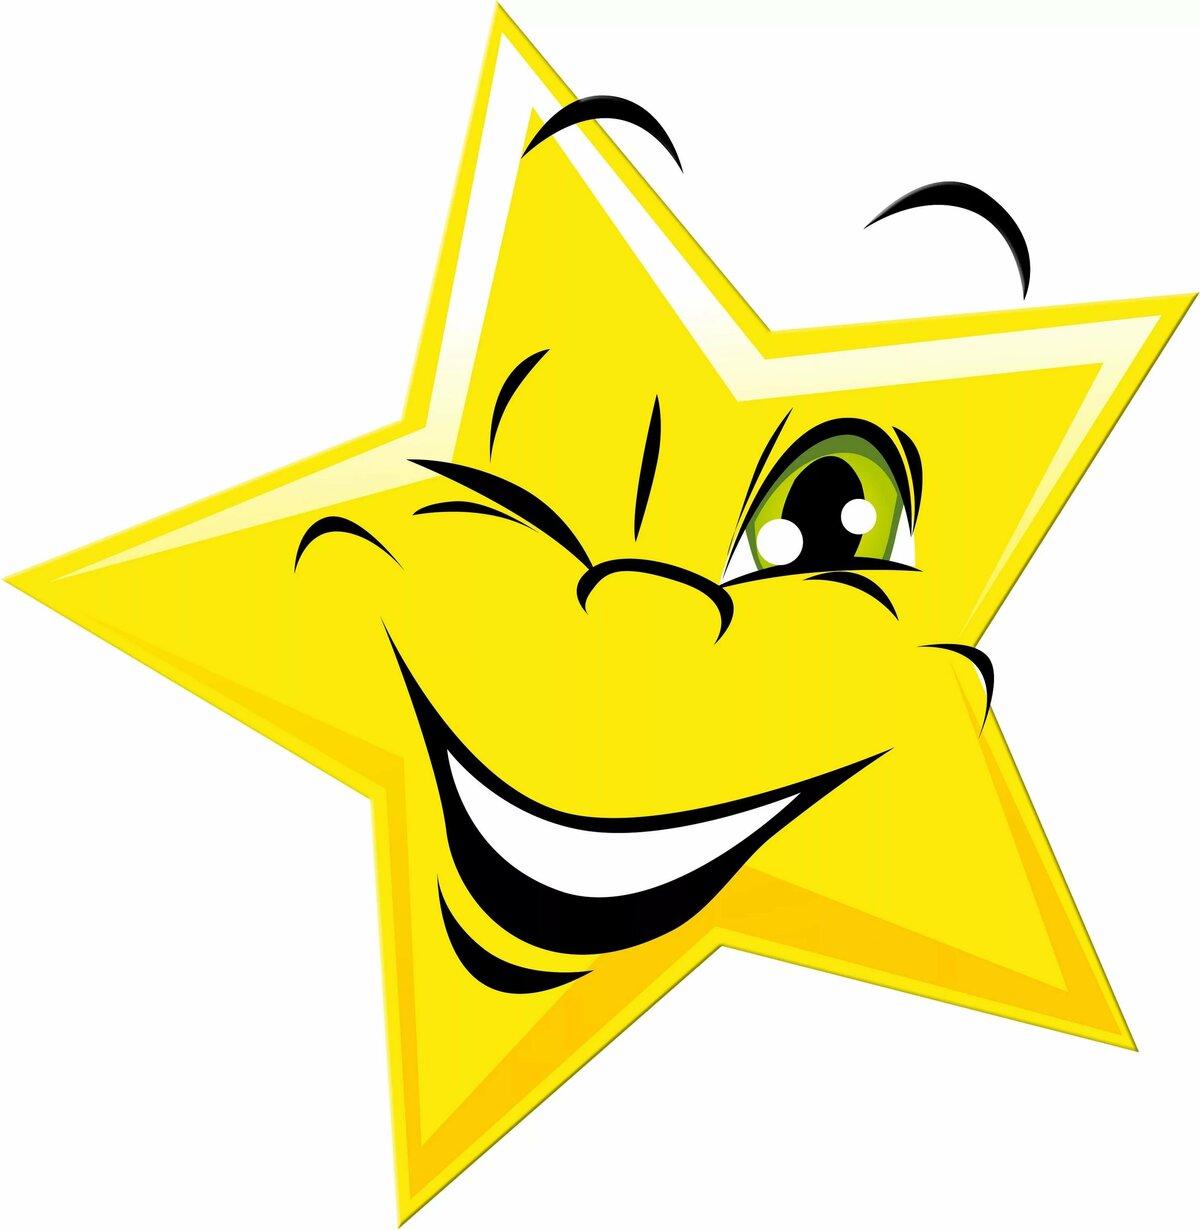 картинка звезда смайл относятся отделочным